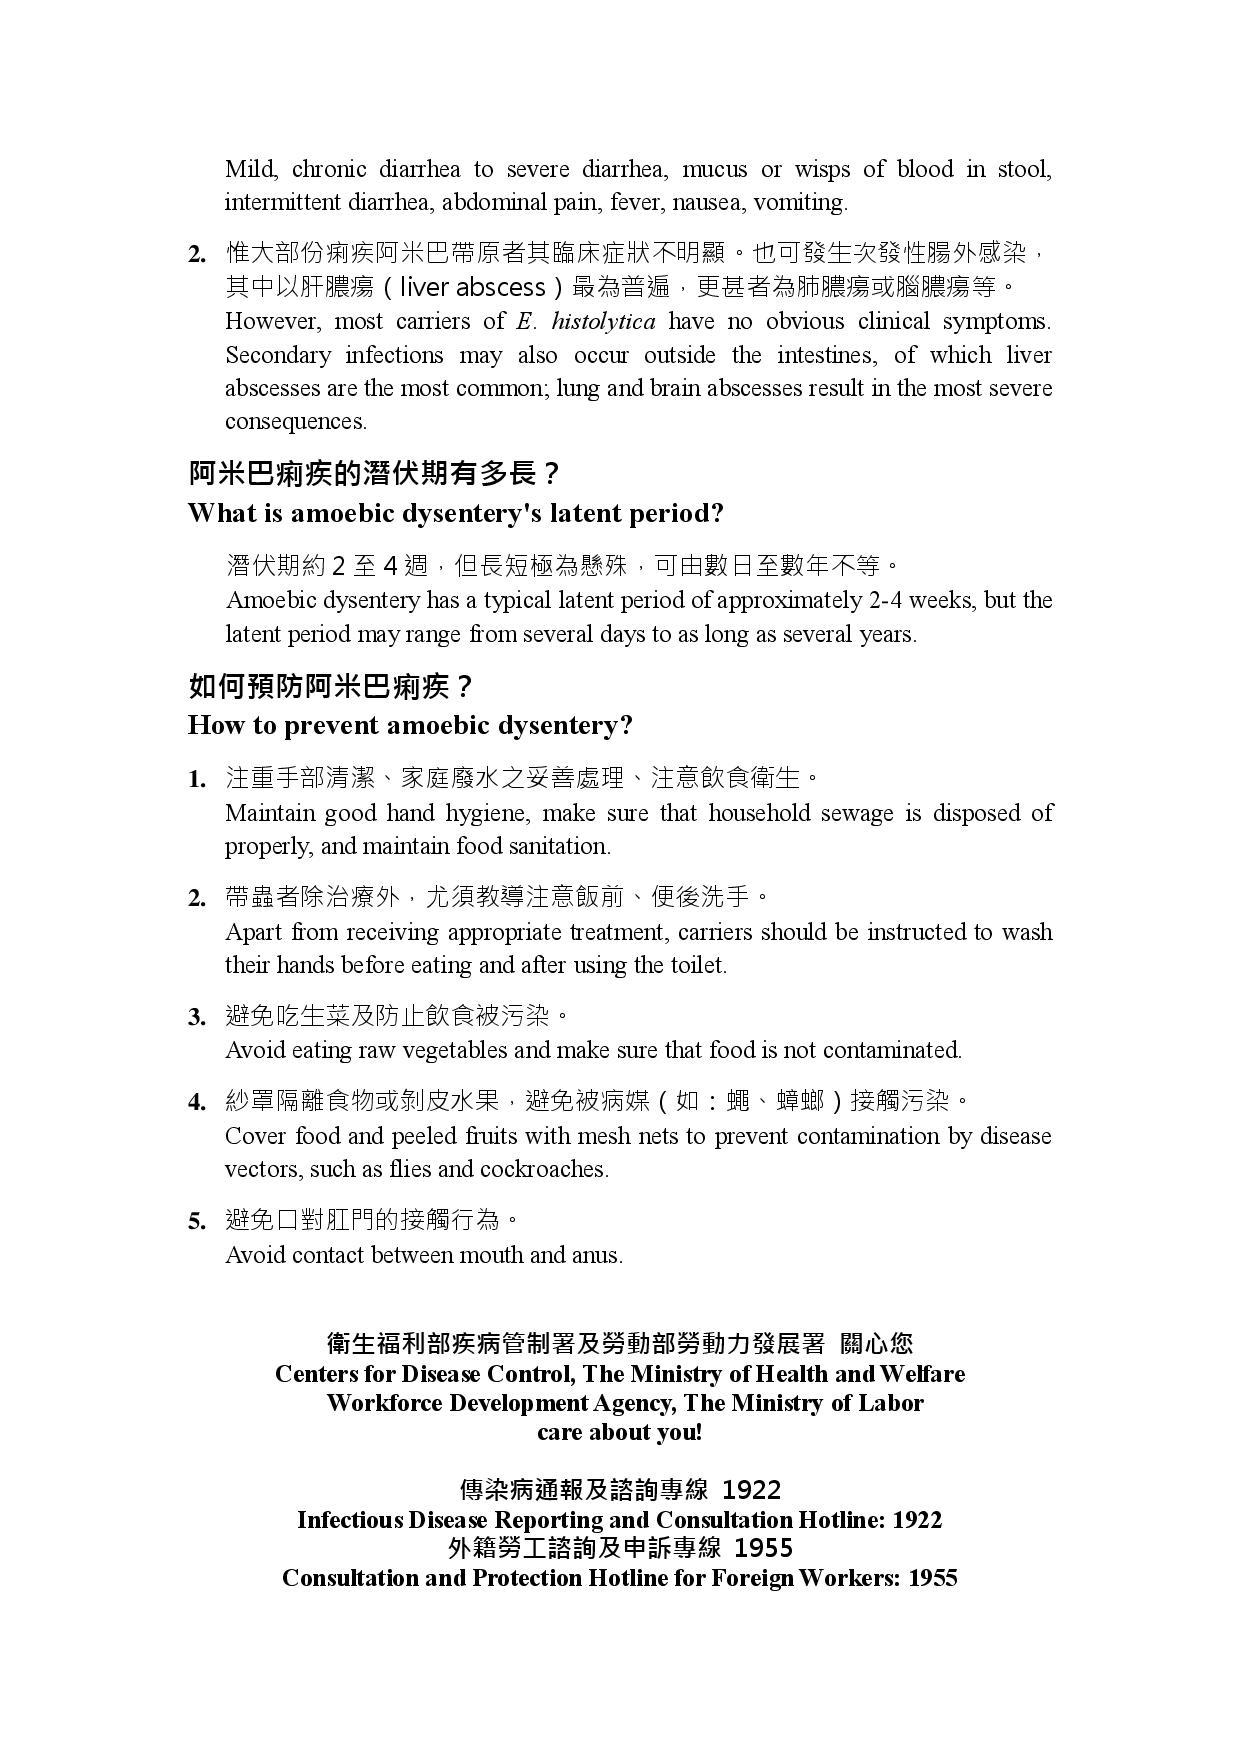 詳如附件【click me】To prevent amoebic dysentery(Page 2)預防阿米巴痢疾(英文)